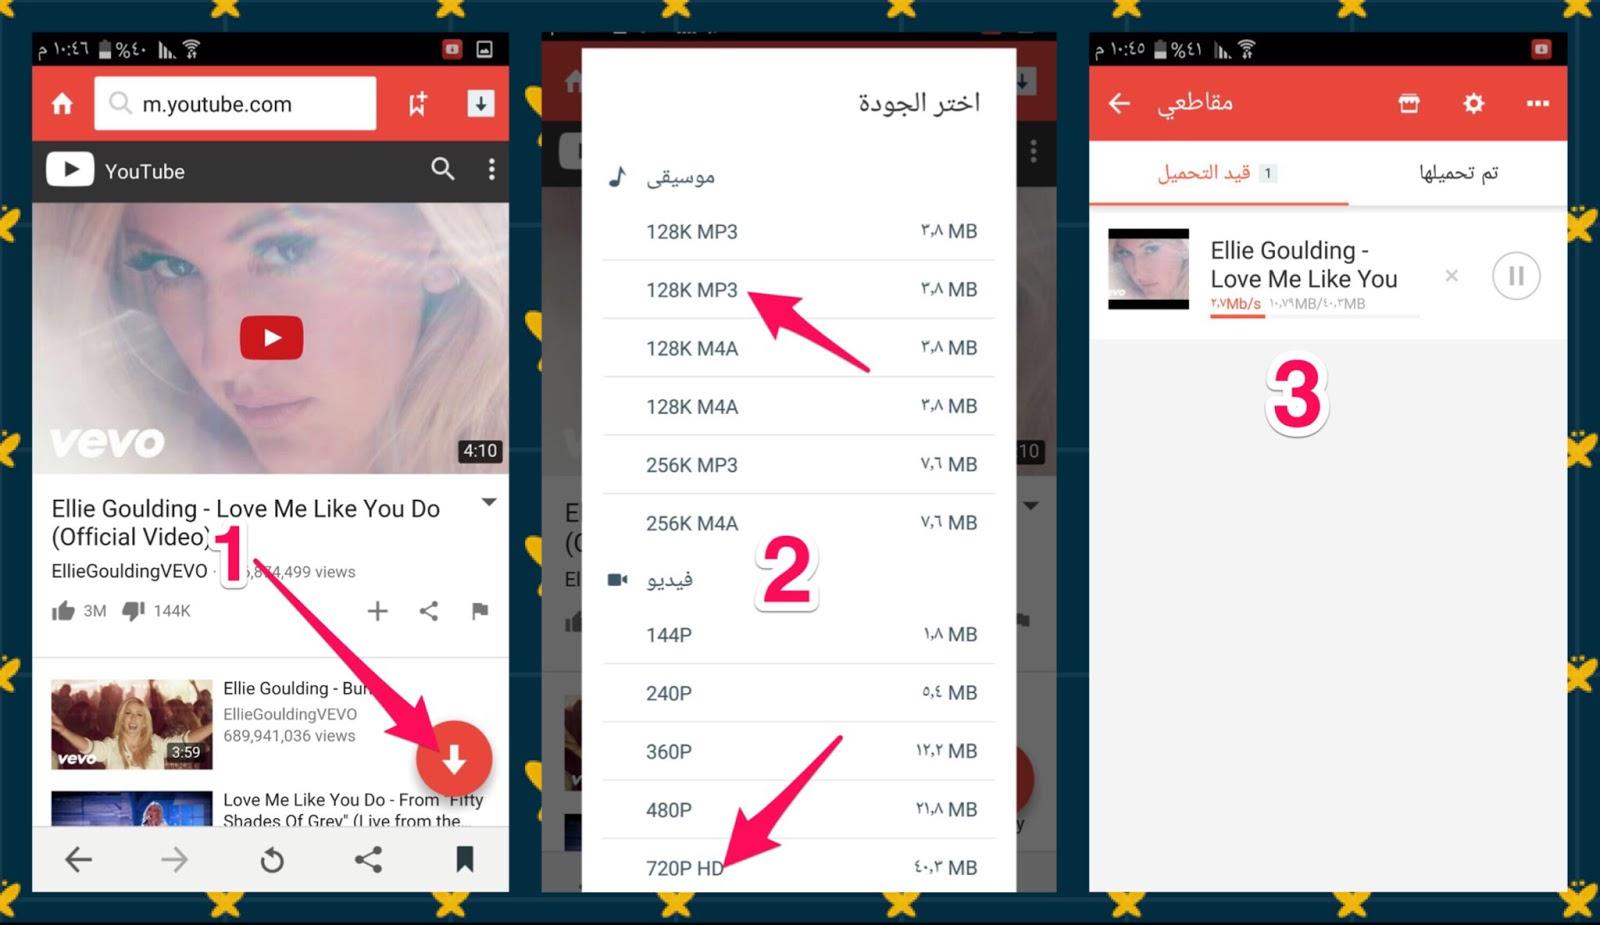 تطبيق رائع جداً لمشاهدة فيديوهات اليوتيوب وتحميلها في نفس الوقت غير متوفر علي جوجل بلاي